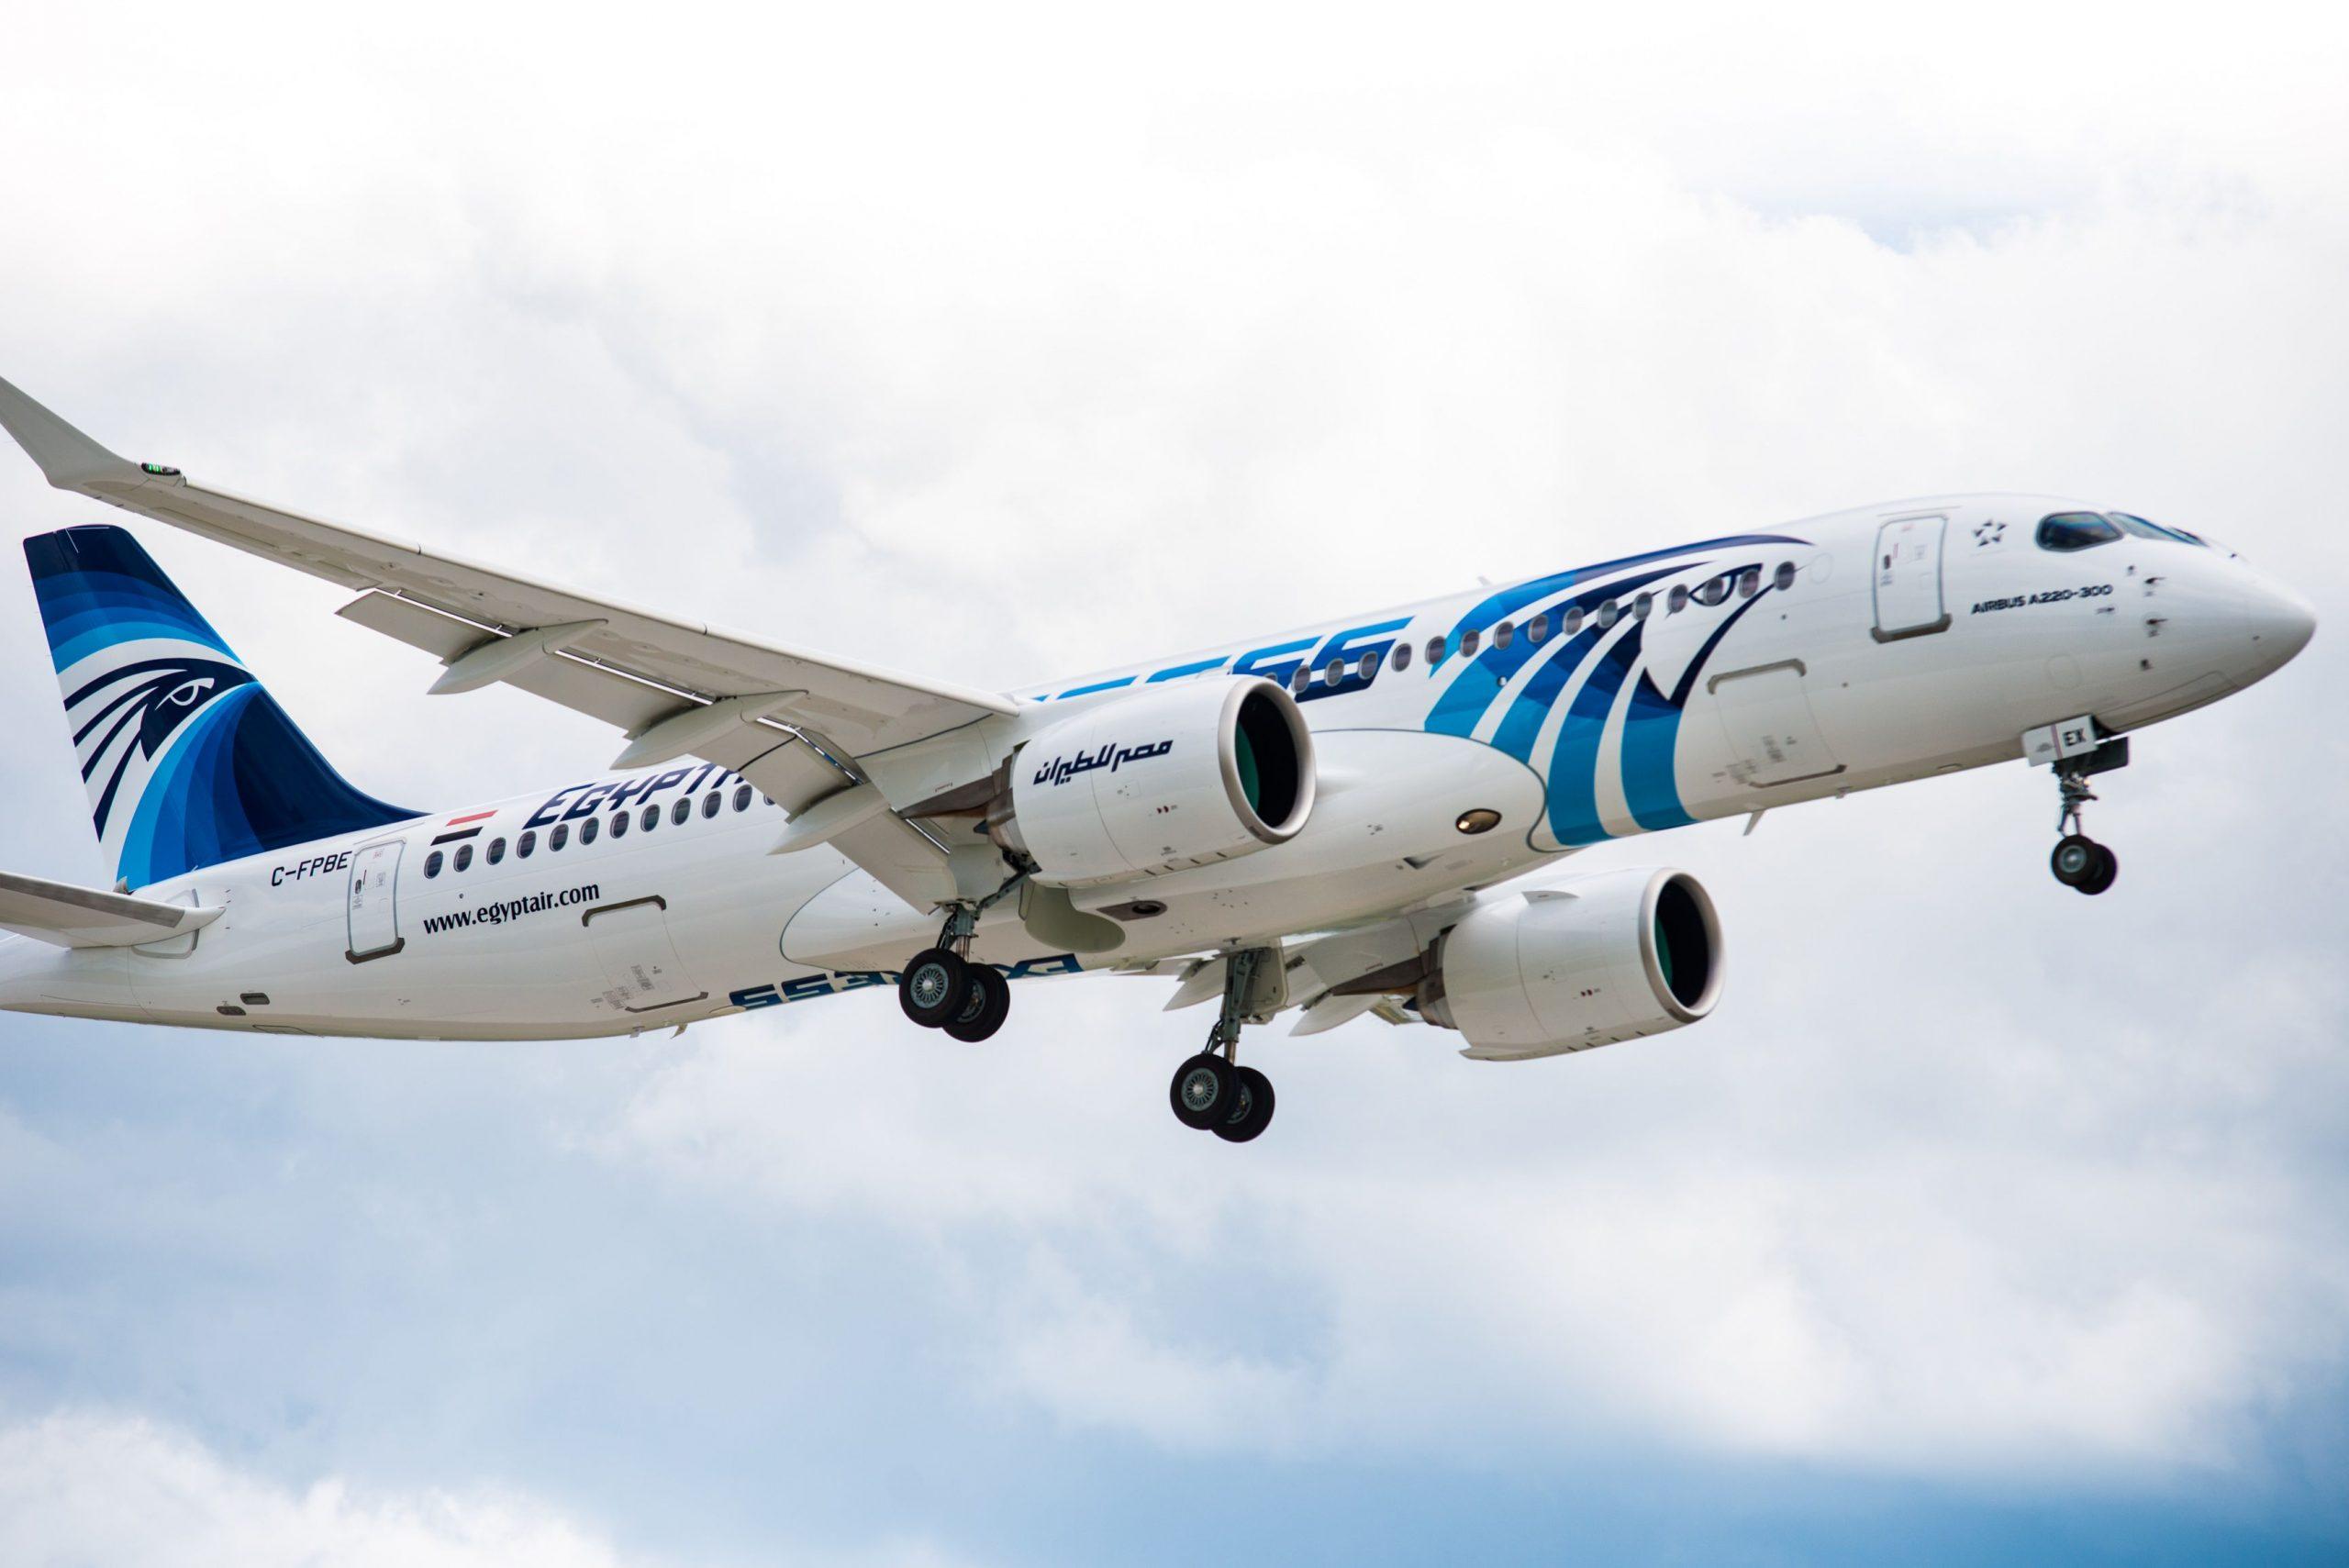 Airbus A220-300 fra Egyptair. (Foto: Egyptair)